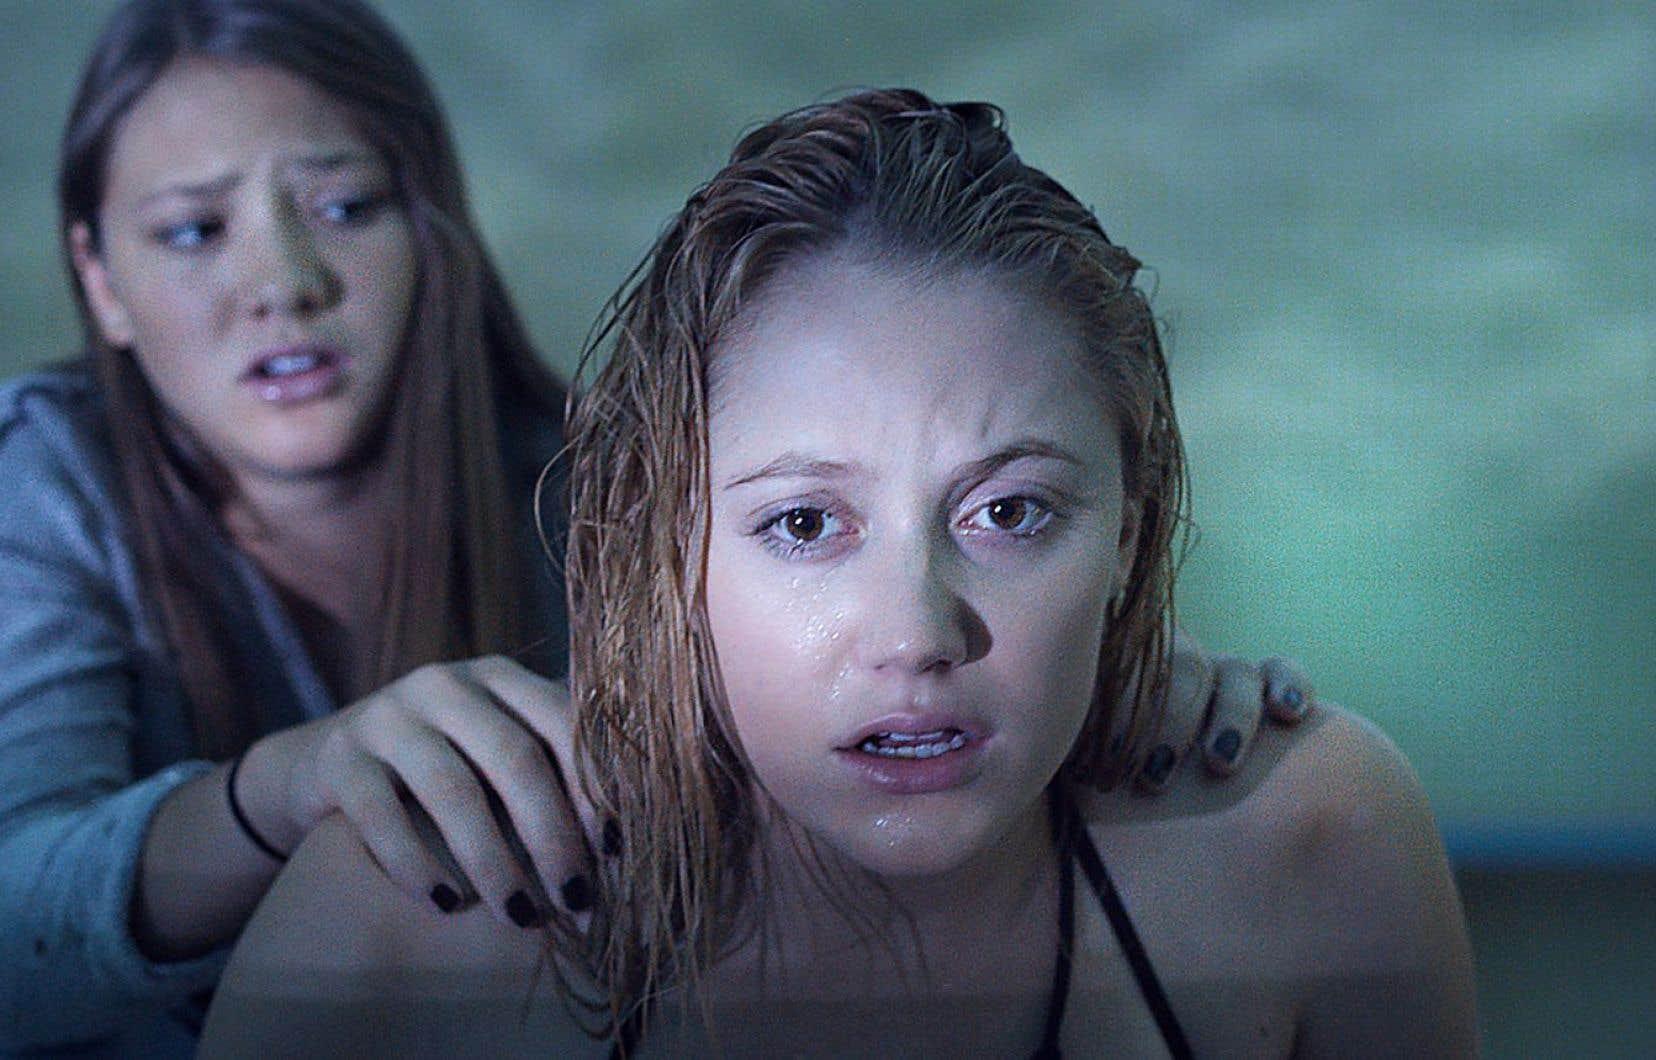 Souvent métaphore de l'inconscient collectif, le film d'horreur Traquée n'échappe pas à la règle, surfant sur la menace des infections transmissibles sexuellement.